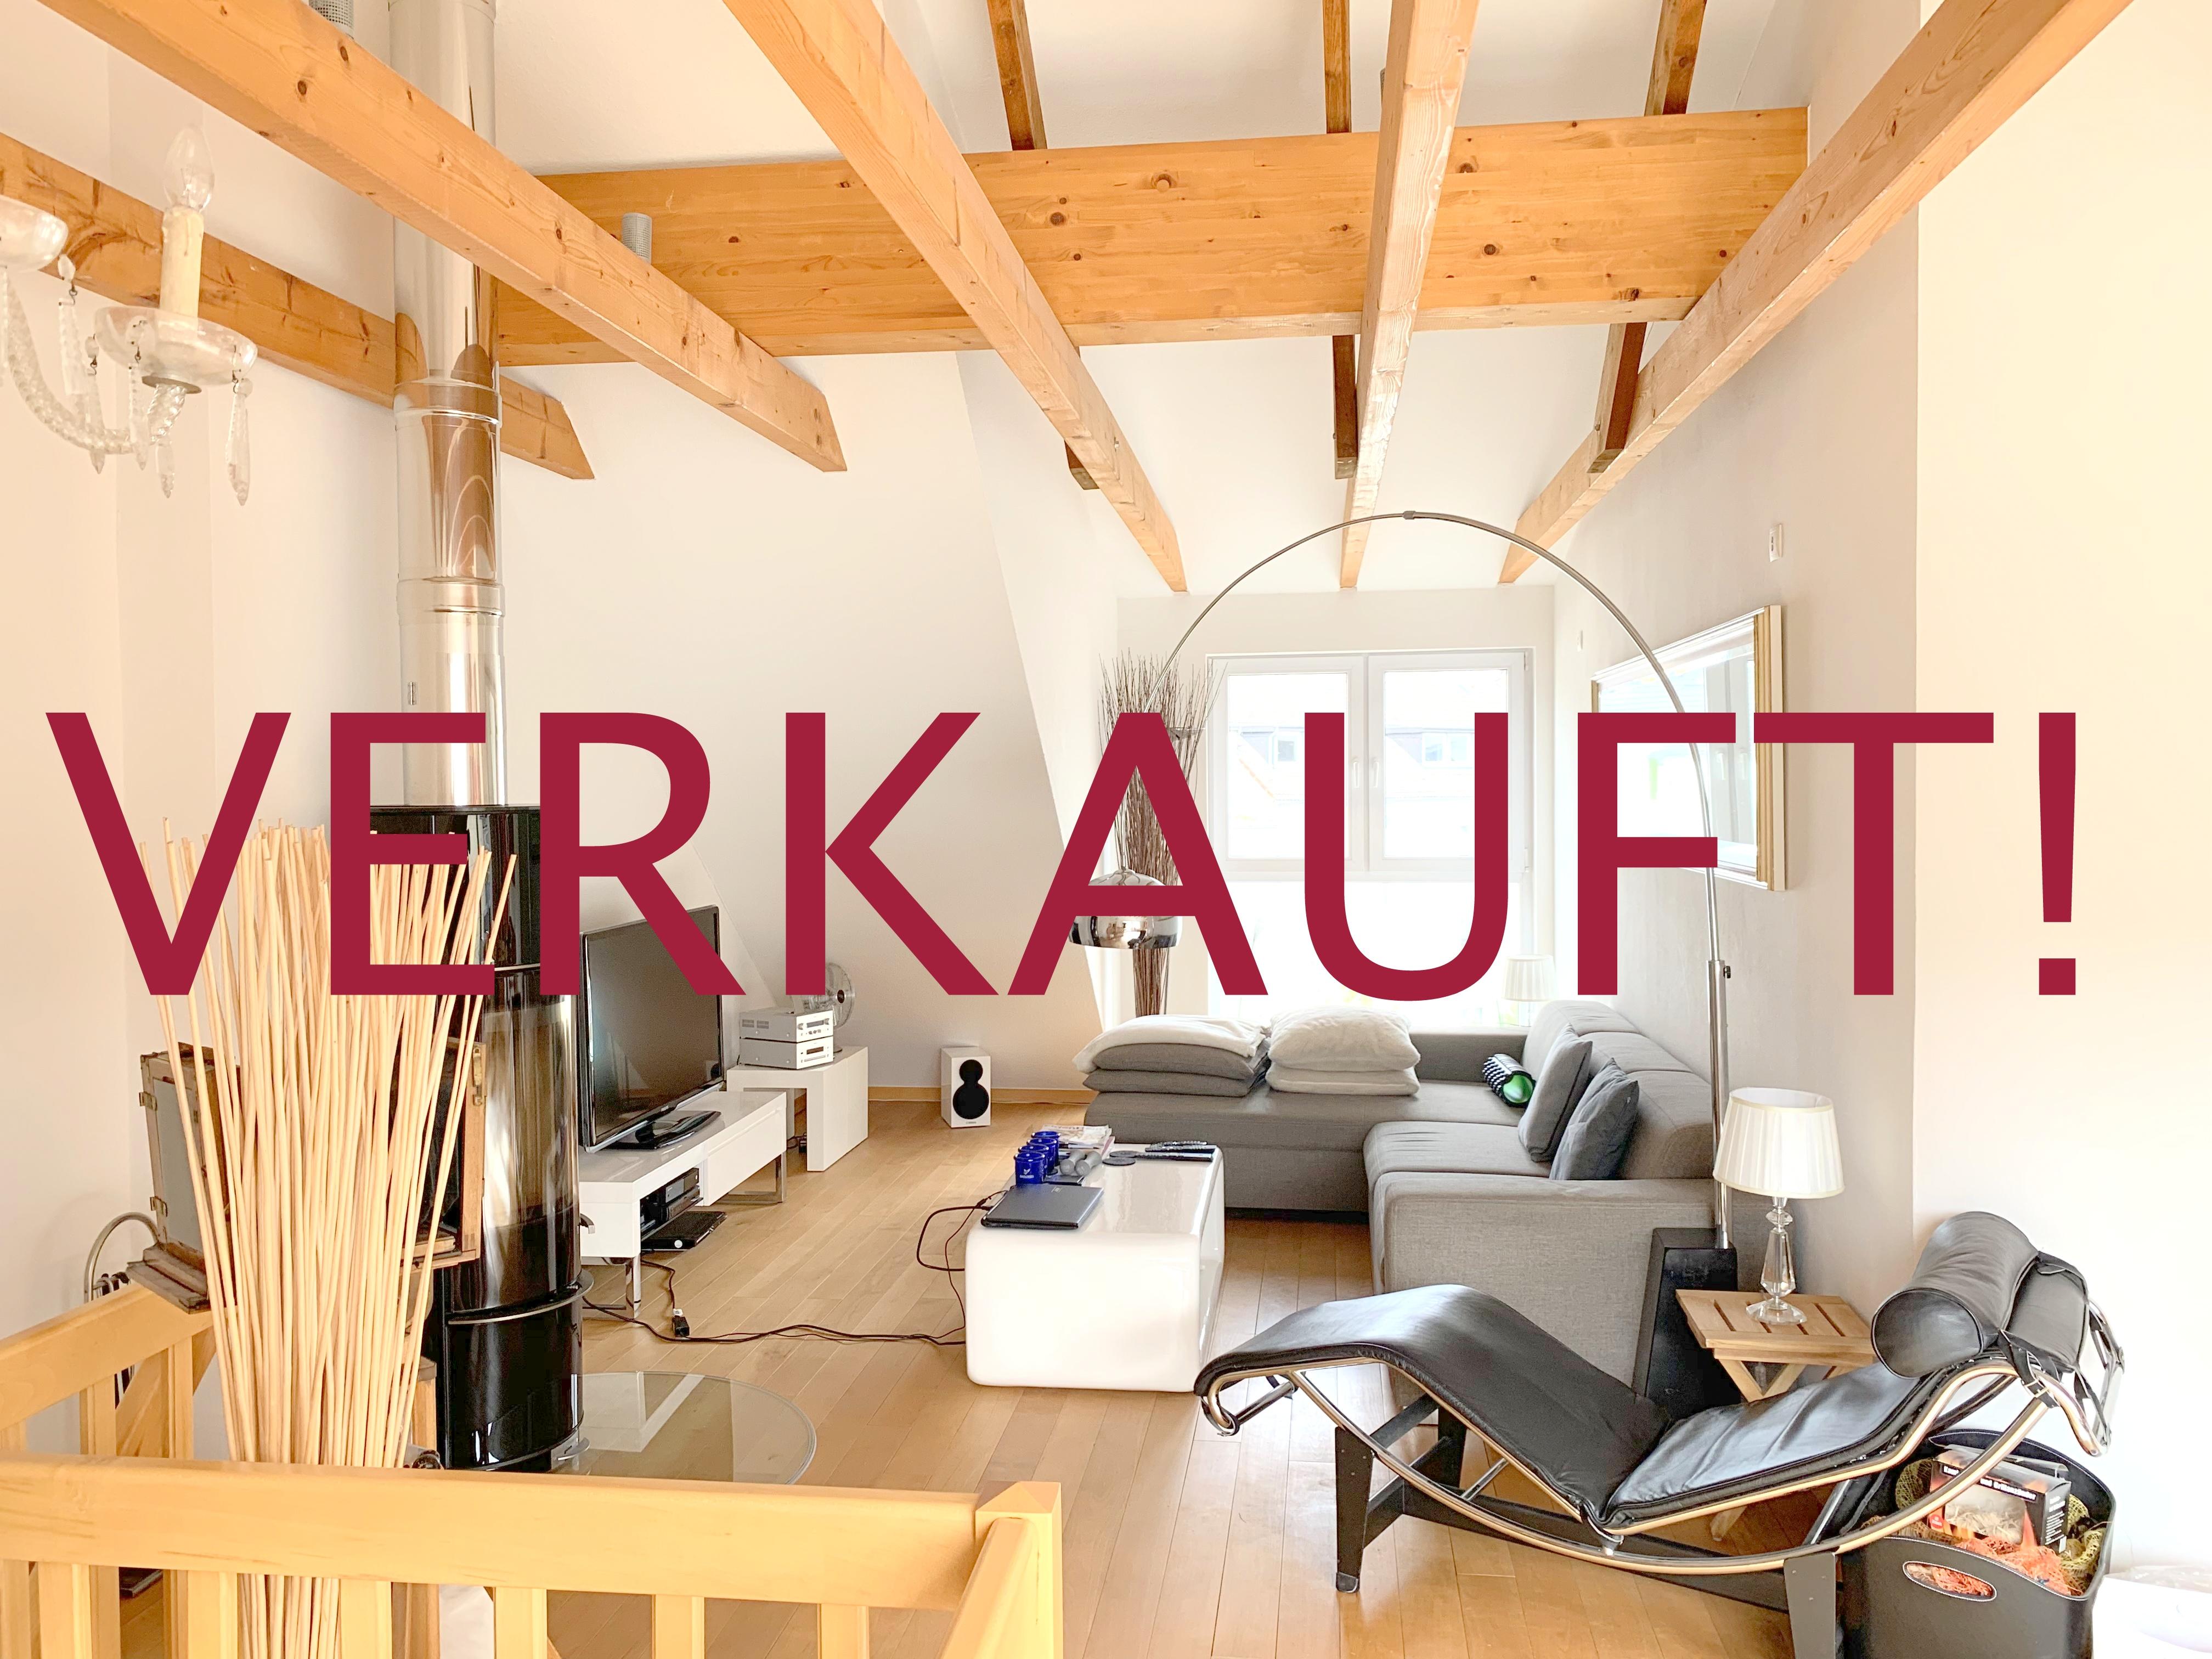 VERKAUFT! Exklusive sonnendurchflutete Maisonette-Wohnung mit Dachterrasse in Südlage und Einzelgarage